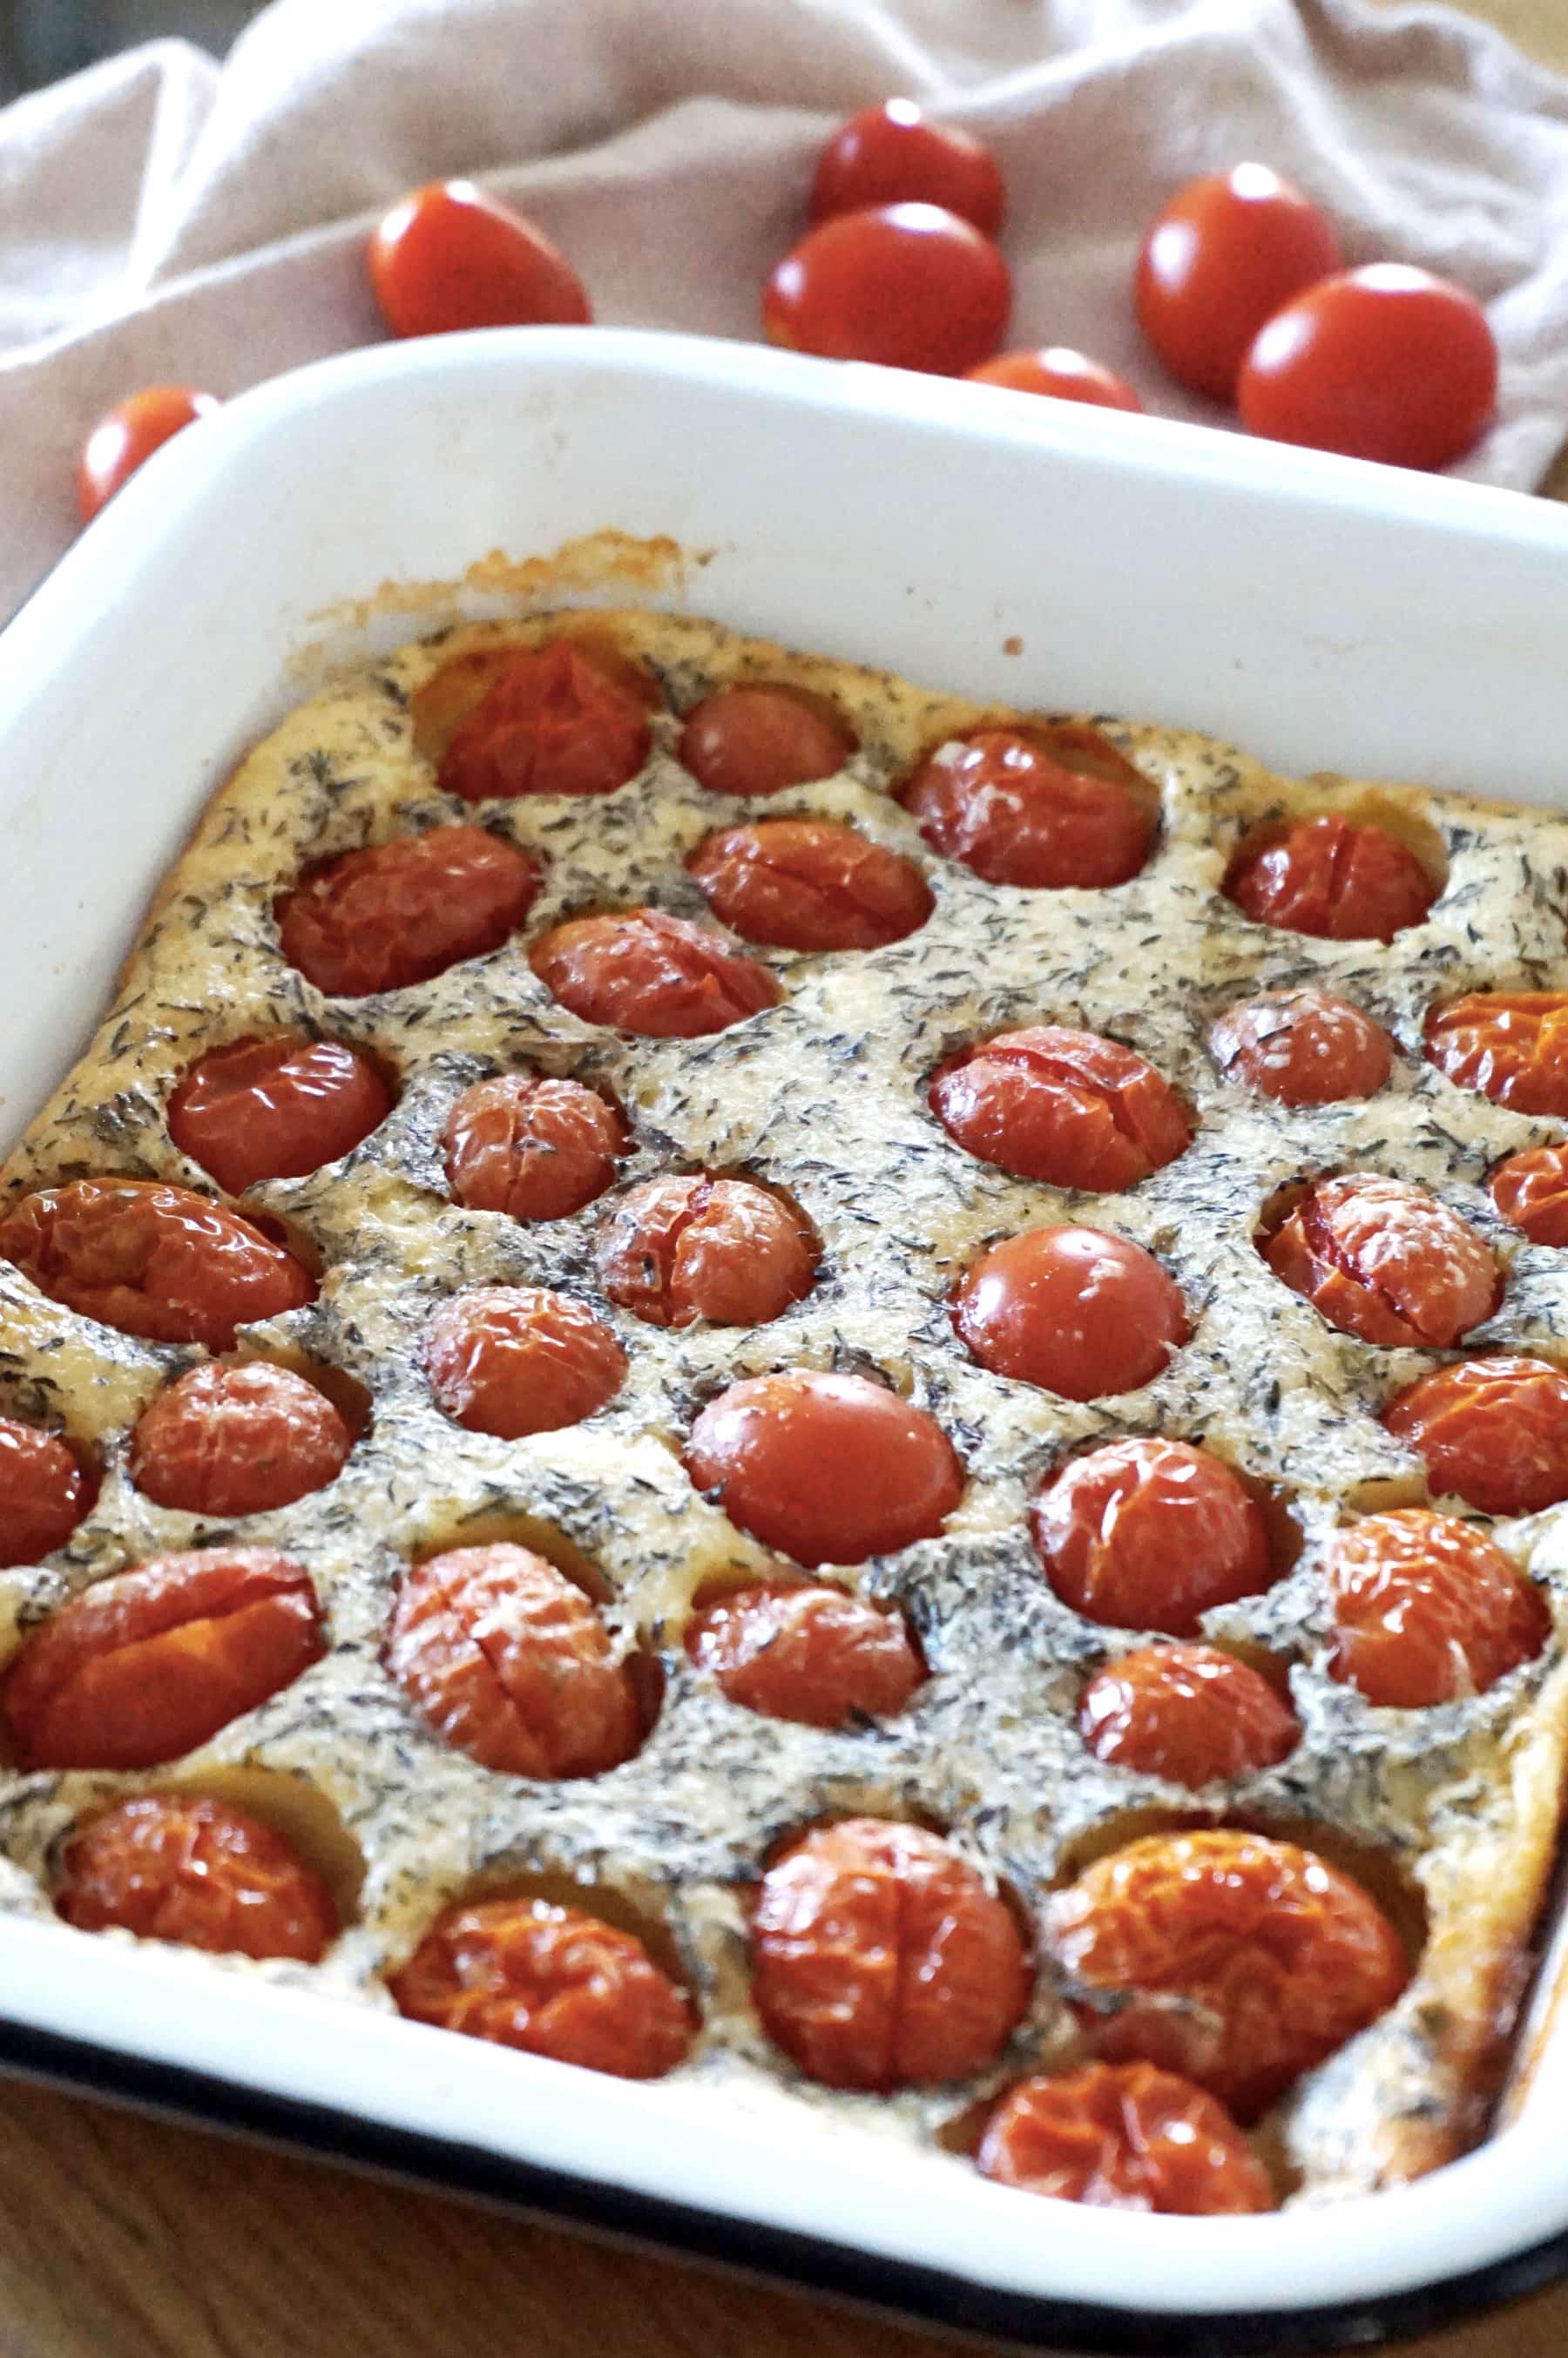 Recette clafoutis de tomates cerises - Recette végétarienne